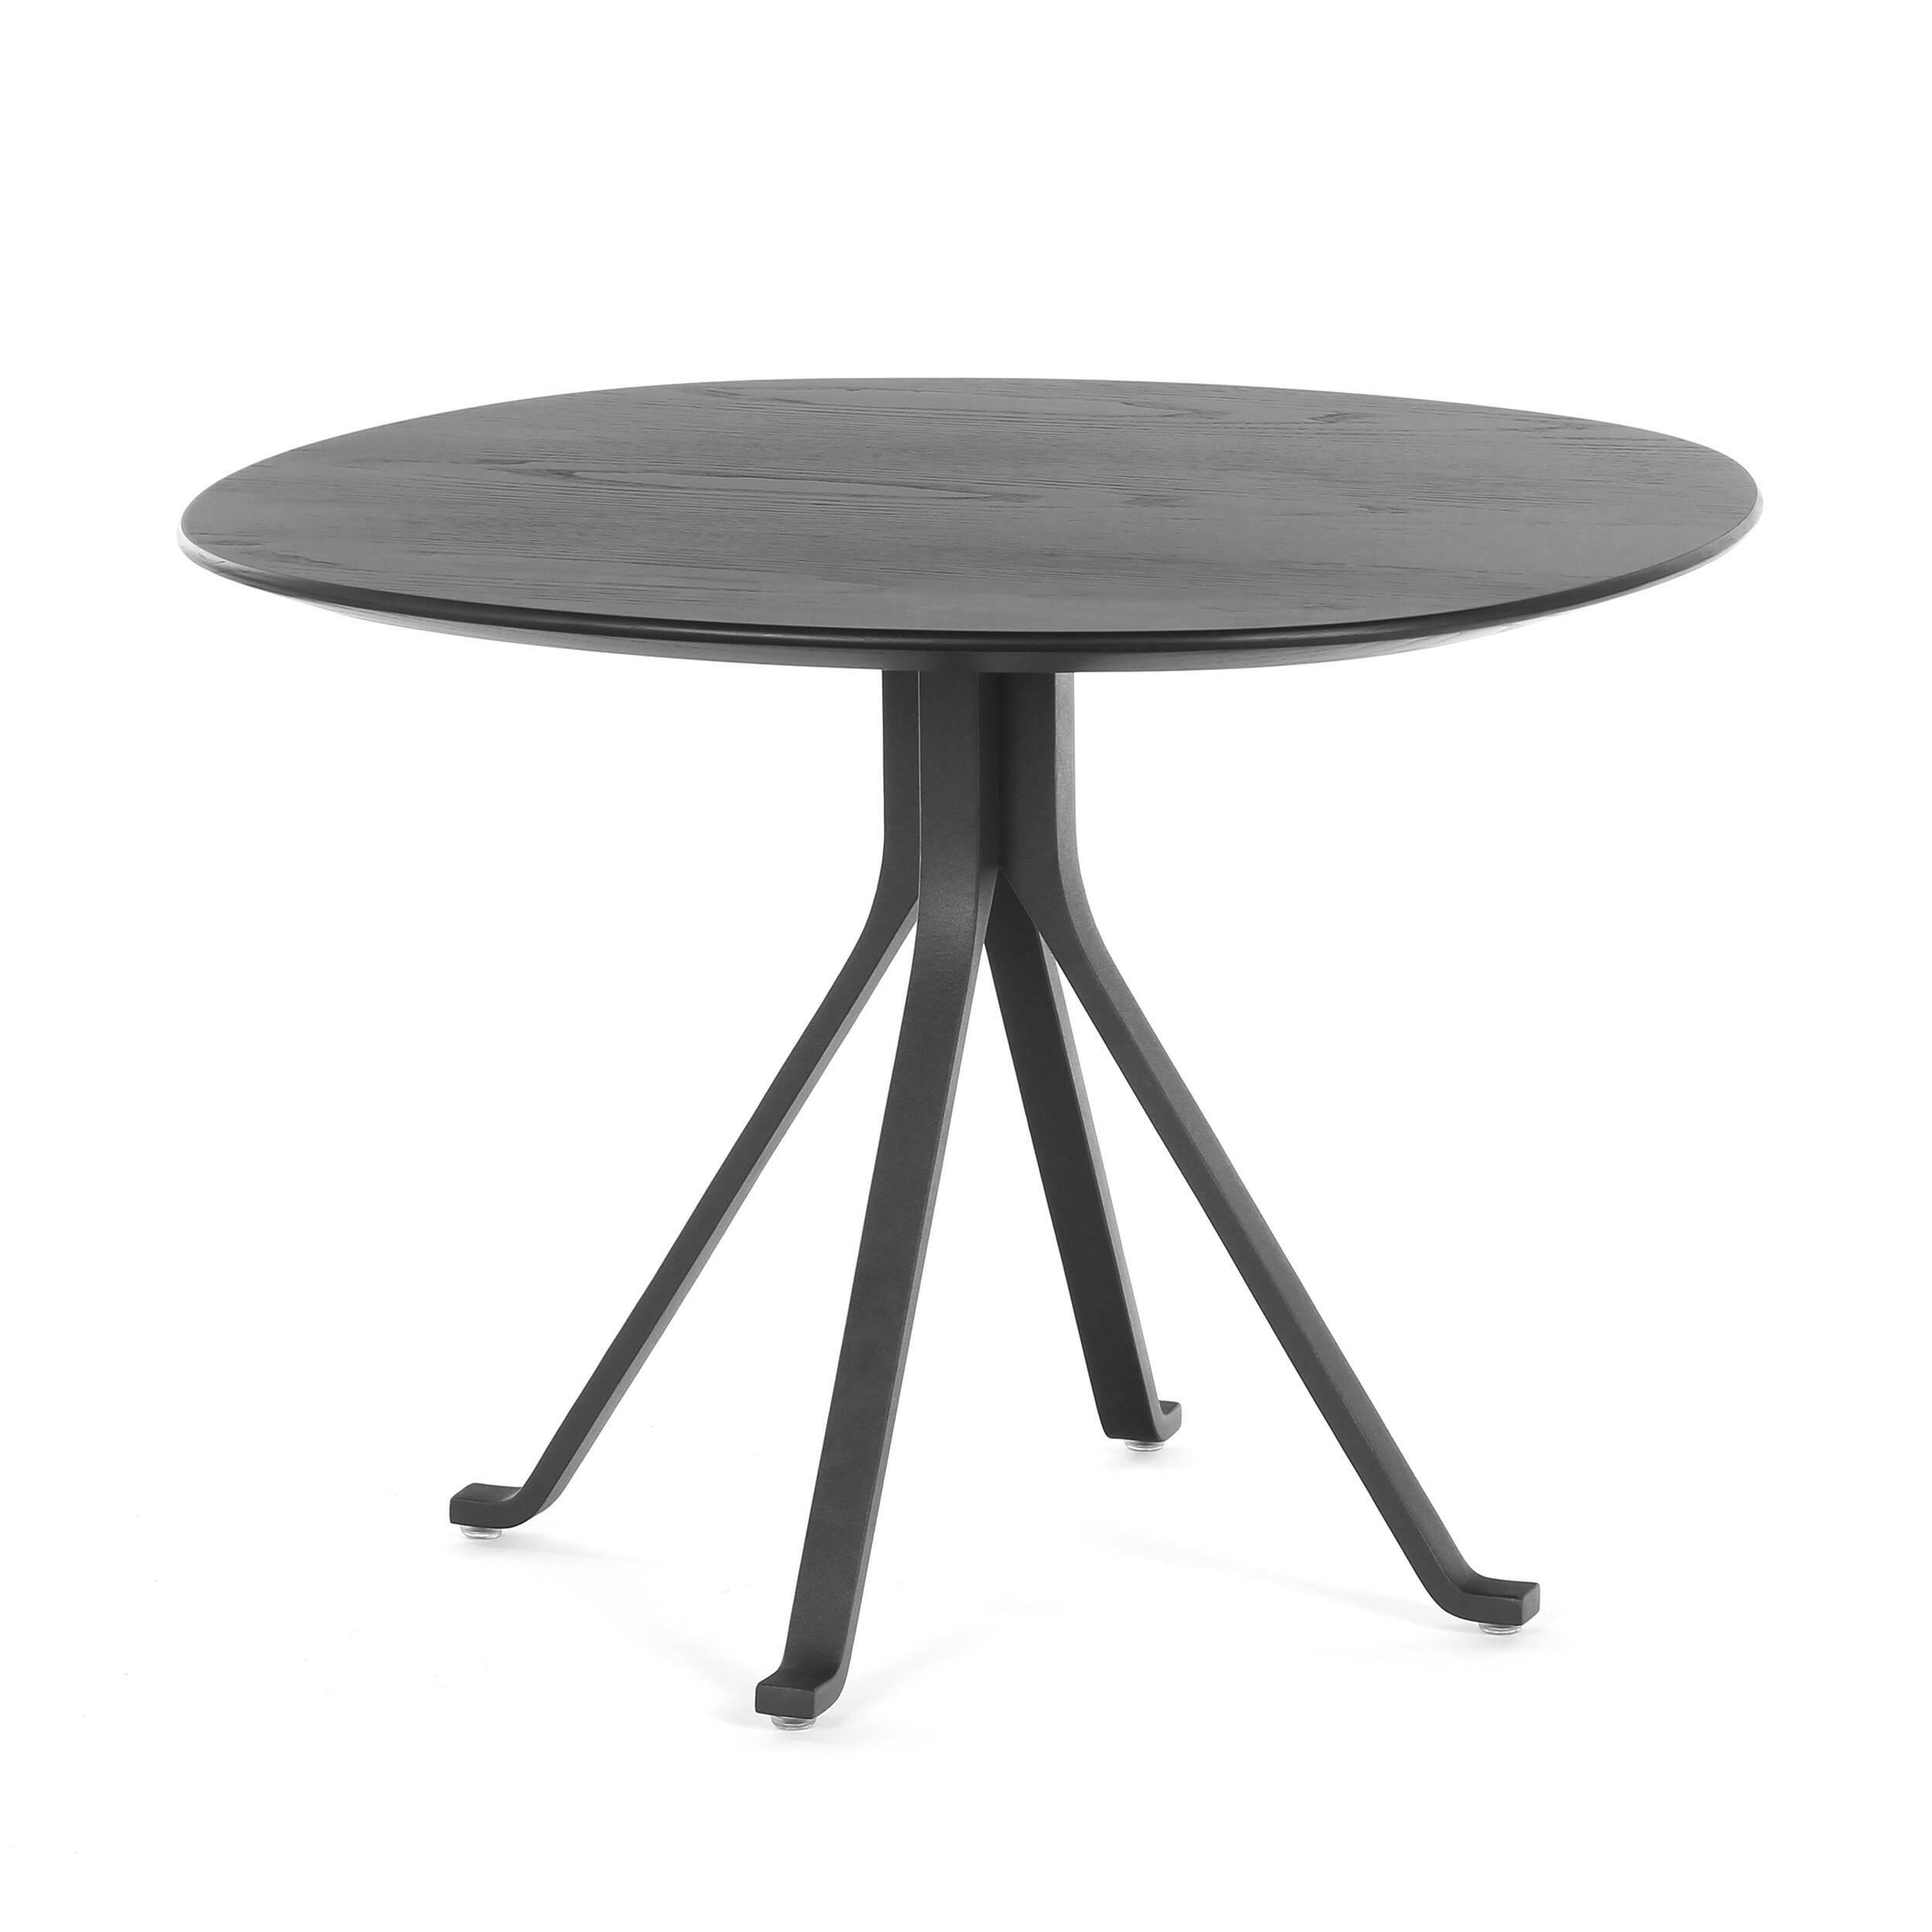 Кофейный стол Blink с деревянной столешницей диаметр 60Кофейные столики<br>Кофейный стол Blink с деревянной столешницей диаметр 60 – это изделие из одноименной линейки домашней мебели Blink от компании Stellar Works. Изделия этого бренда – это произведения искусства, сочетающие в себе утонченность Востока и функциональность Запада. Кофейный стол Blink обладает красивейшим дизайном, что достигается не только благодаря его форме и деталям, но и материалам, которые опытные мастера отбирают для его изготовления.<br><br><br> А материалы очень практичные и отлично подходят ...<br><br>stock: 1<br>Высота: 43<br>Диаметр: 60<br>Цвет ножек: Черный<br>Цвет столешницы: Черный<br>Материал ножек: Сталь<br>Материал столешницы: Шпон ясеня<br>Тип материала столешницы: Дерево